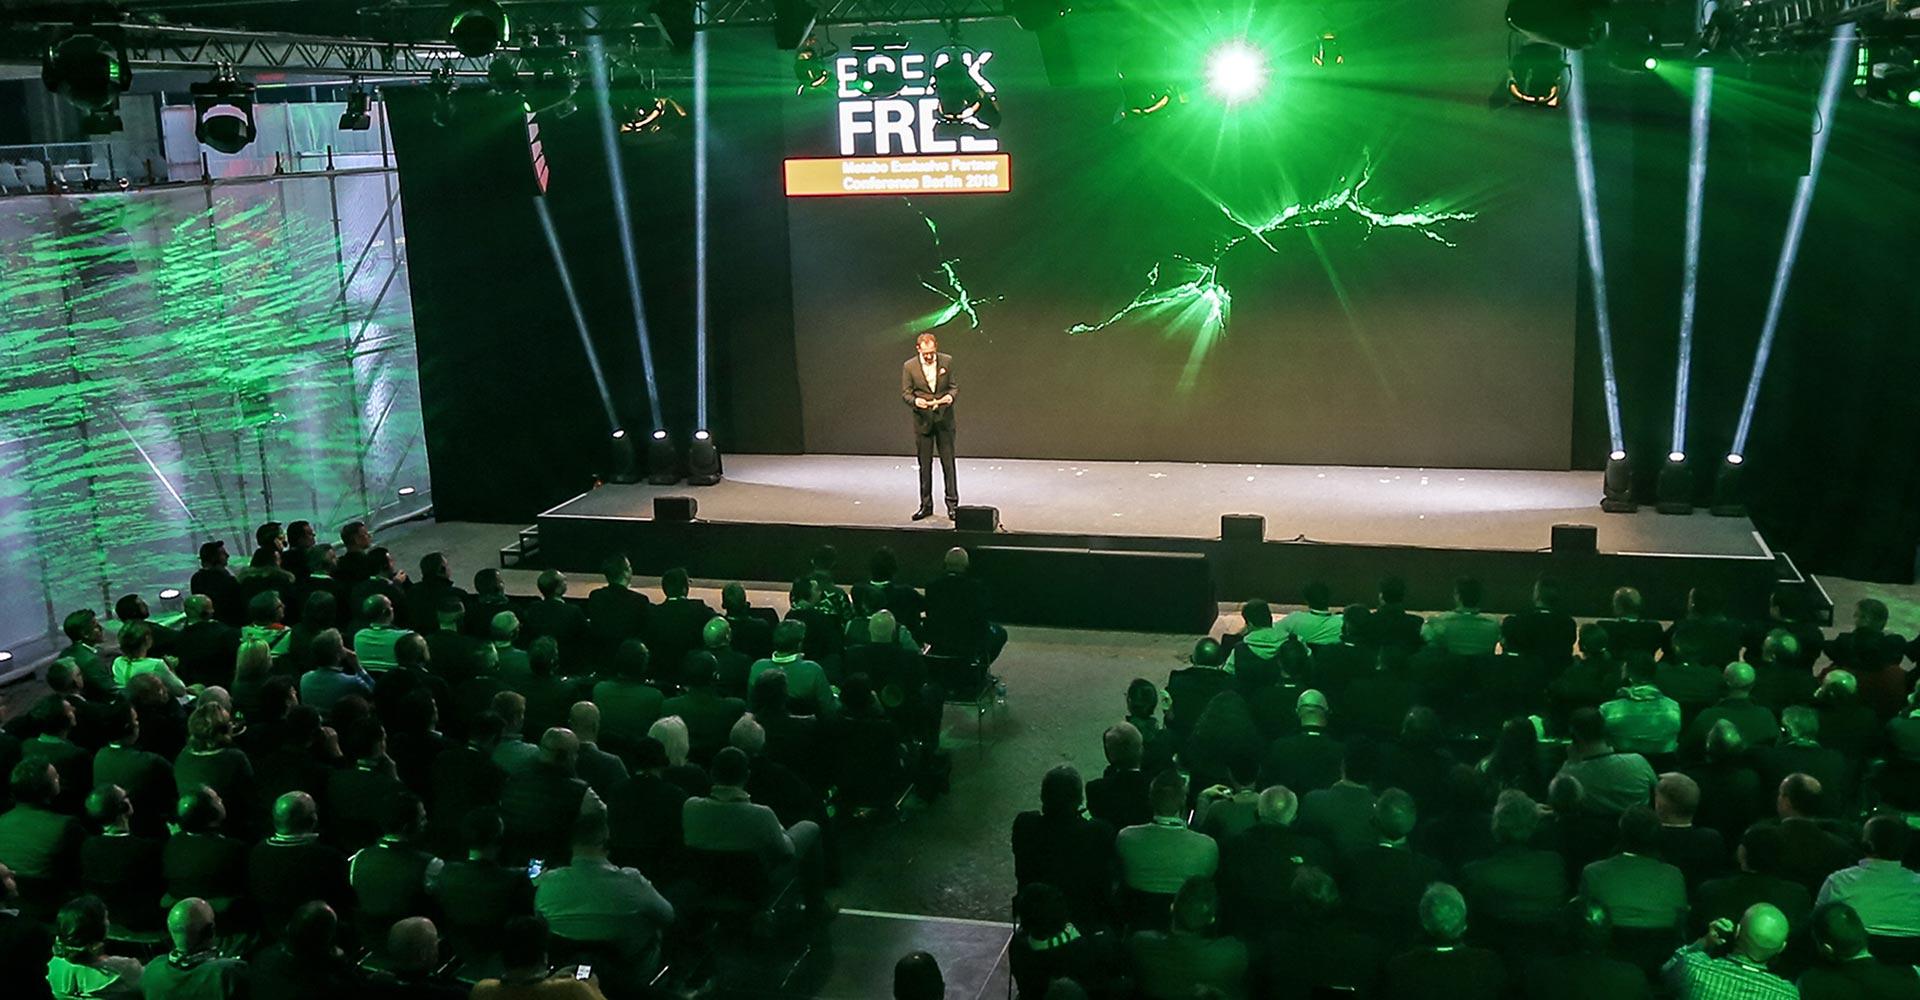 Corporate Events wie Kongress, Messe, Virtuelles Events, Seminare, Roadshows mit flankierender Veranstaltungskommunikation lassen sich perfekt als PR-Event nutzen und erhöhen die Reichweite und die Markenwahrnehmung